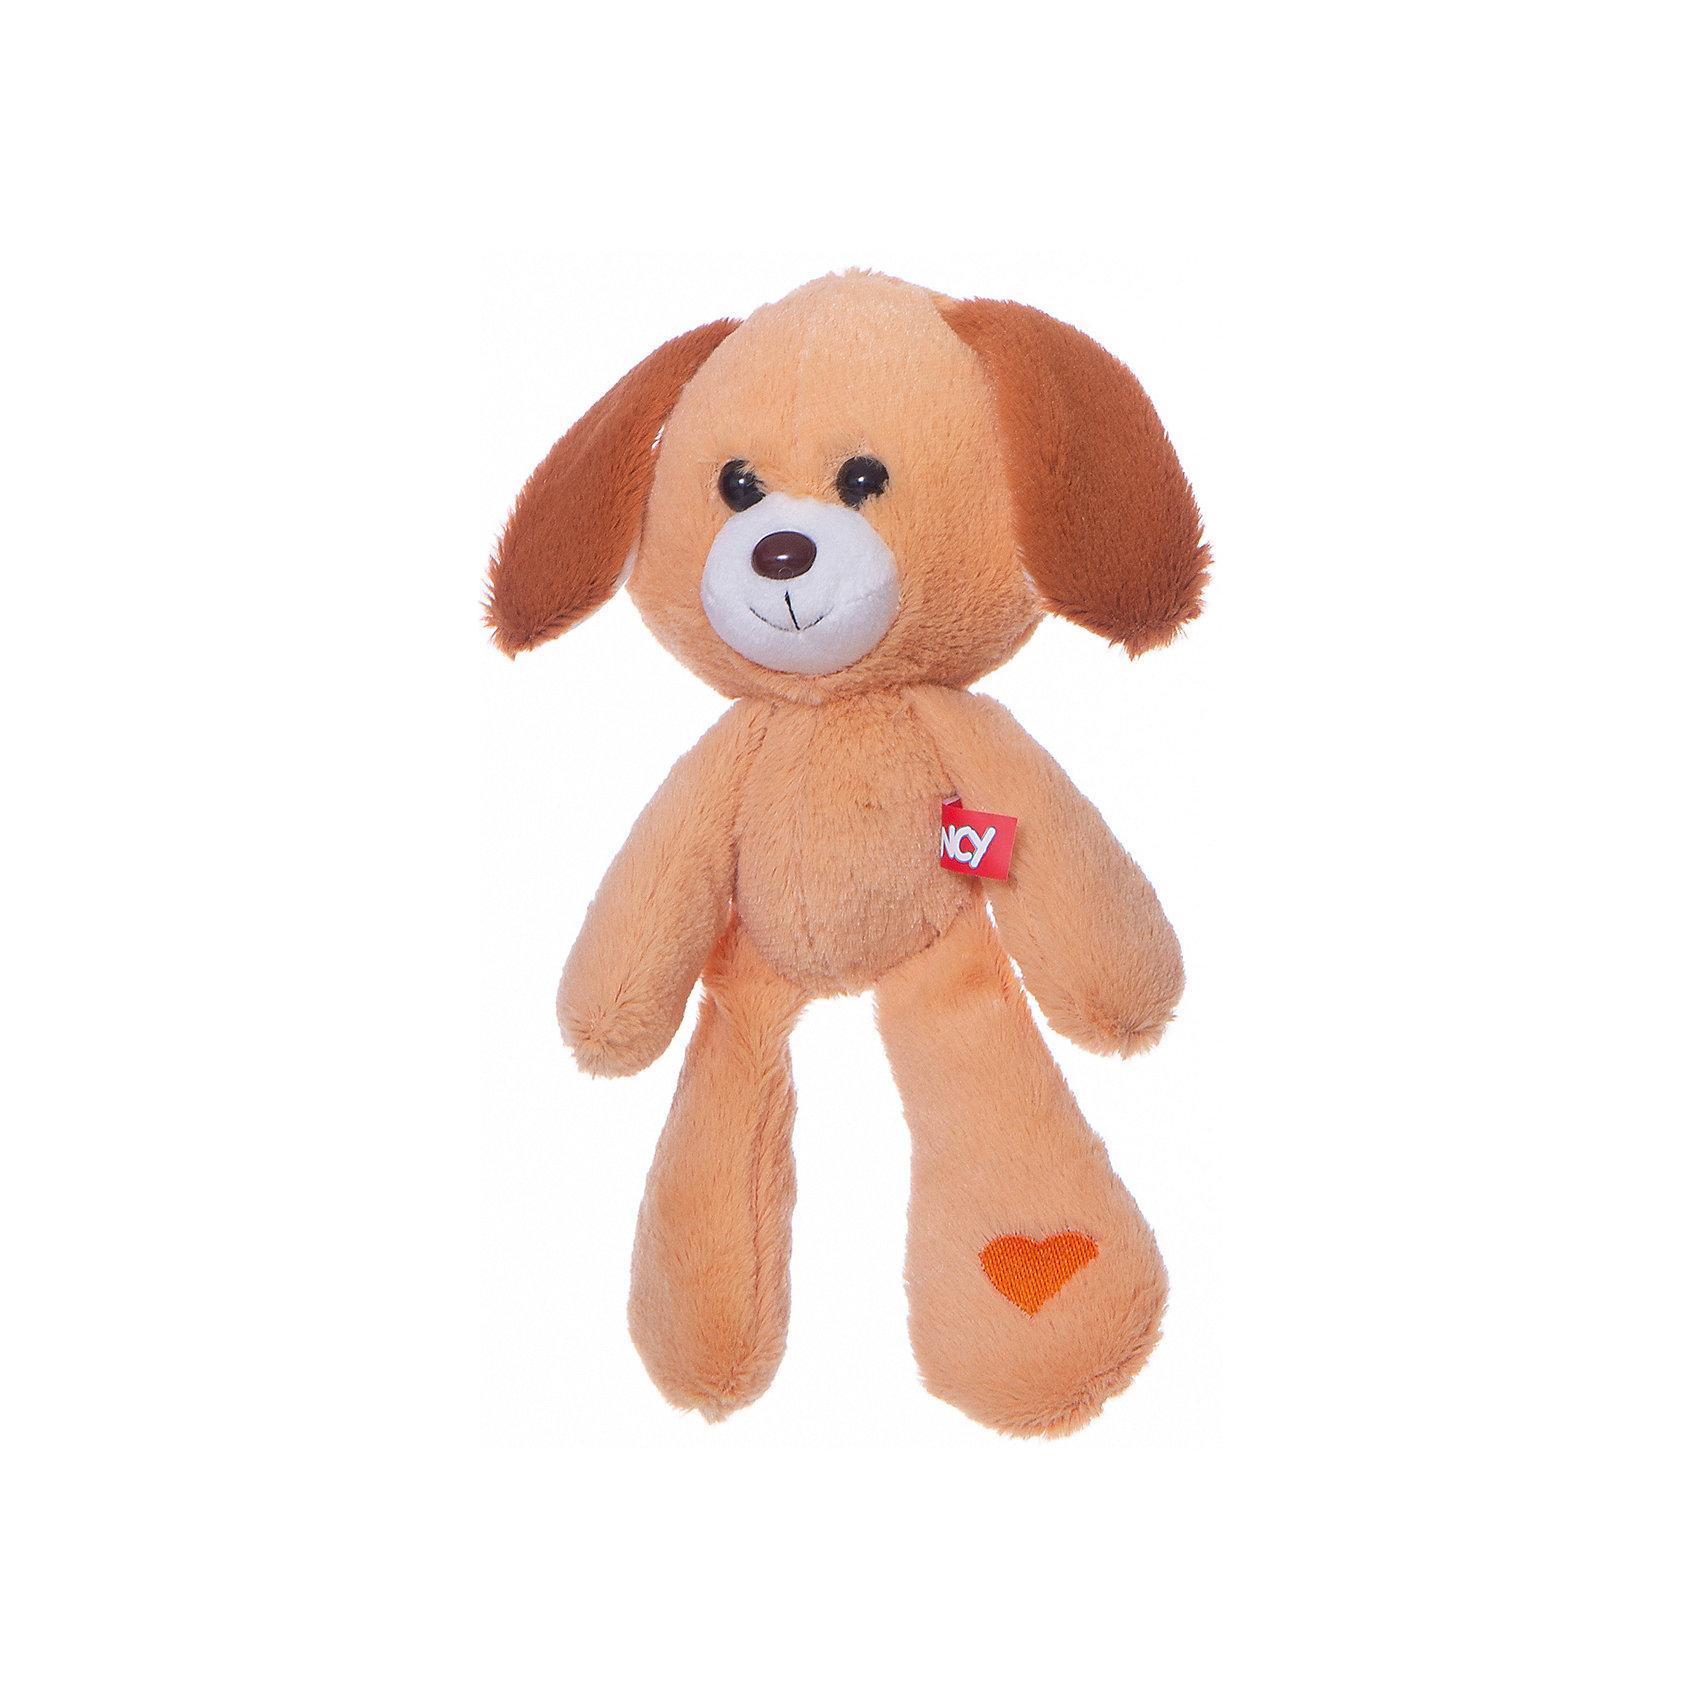 Собачка Банди, FancyМягкие игрушки животные<br>Милая игрушка собачка Банди всегда будет с Вашим ребенком! С ним можно играть, спать или брать с собой на прогулку.<br>Порадуйте ребенка таким милым подарком!<br><br>Дополнительная информация: <br><br>- Возраст: от 3 лет.<br>- Материал: искусственный мех, наполнитель, текстиль, пластик. пластмассы.<br>- Размер упаковки: 30.5х12х10 см.<br>- Вес в упаковке: 85 г.<br><br>Купить собачку Банди от Fancy, можно в нашем магазине.<br><br>Ширина мм: 305<br>Глубина мм: 120<br>Высота мм: 100<br>Вес г: 85<br>Возраст от месяцев: 36<br>Возраст до месяцев: 2147483647<br>Пол: Унисекс<br>Возраст: Детский<br>SKU: 5025380